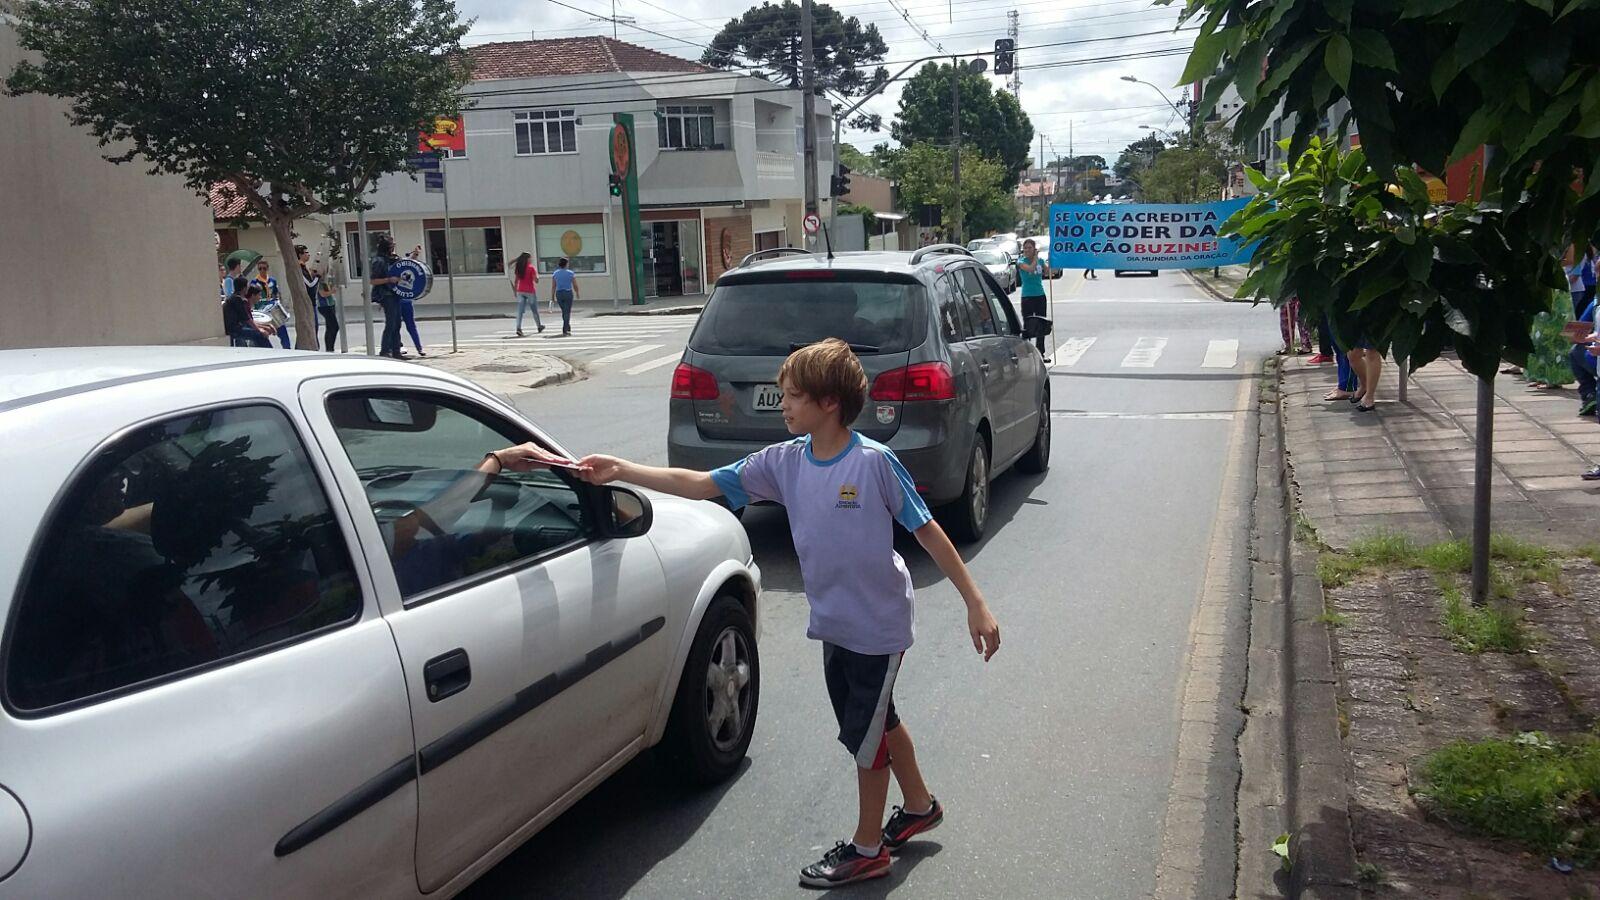 Os desbravadores e a Educação Adventista também se uniu à iniciativa. Sua abordagem foi no semáforo.